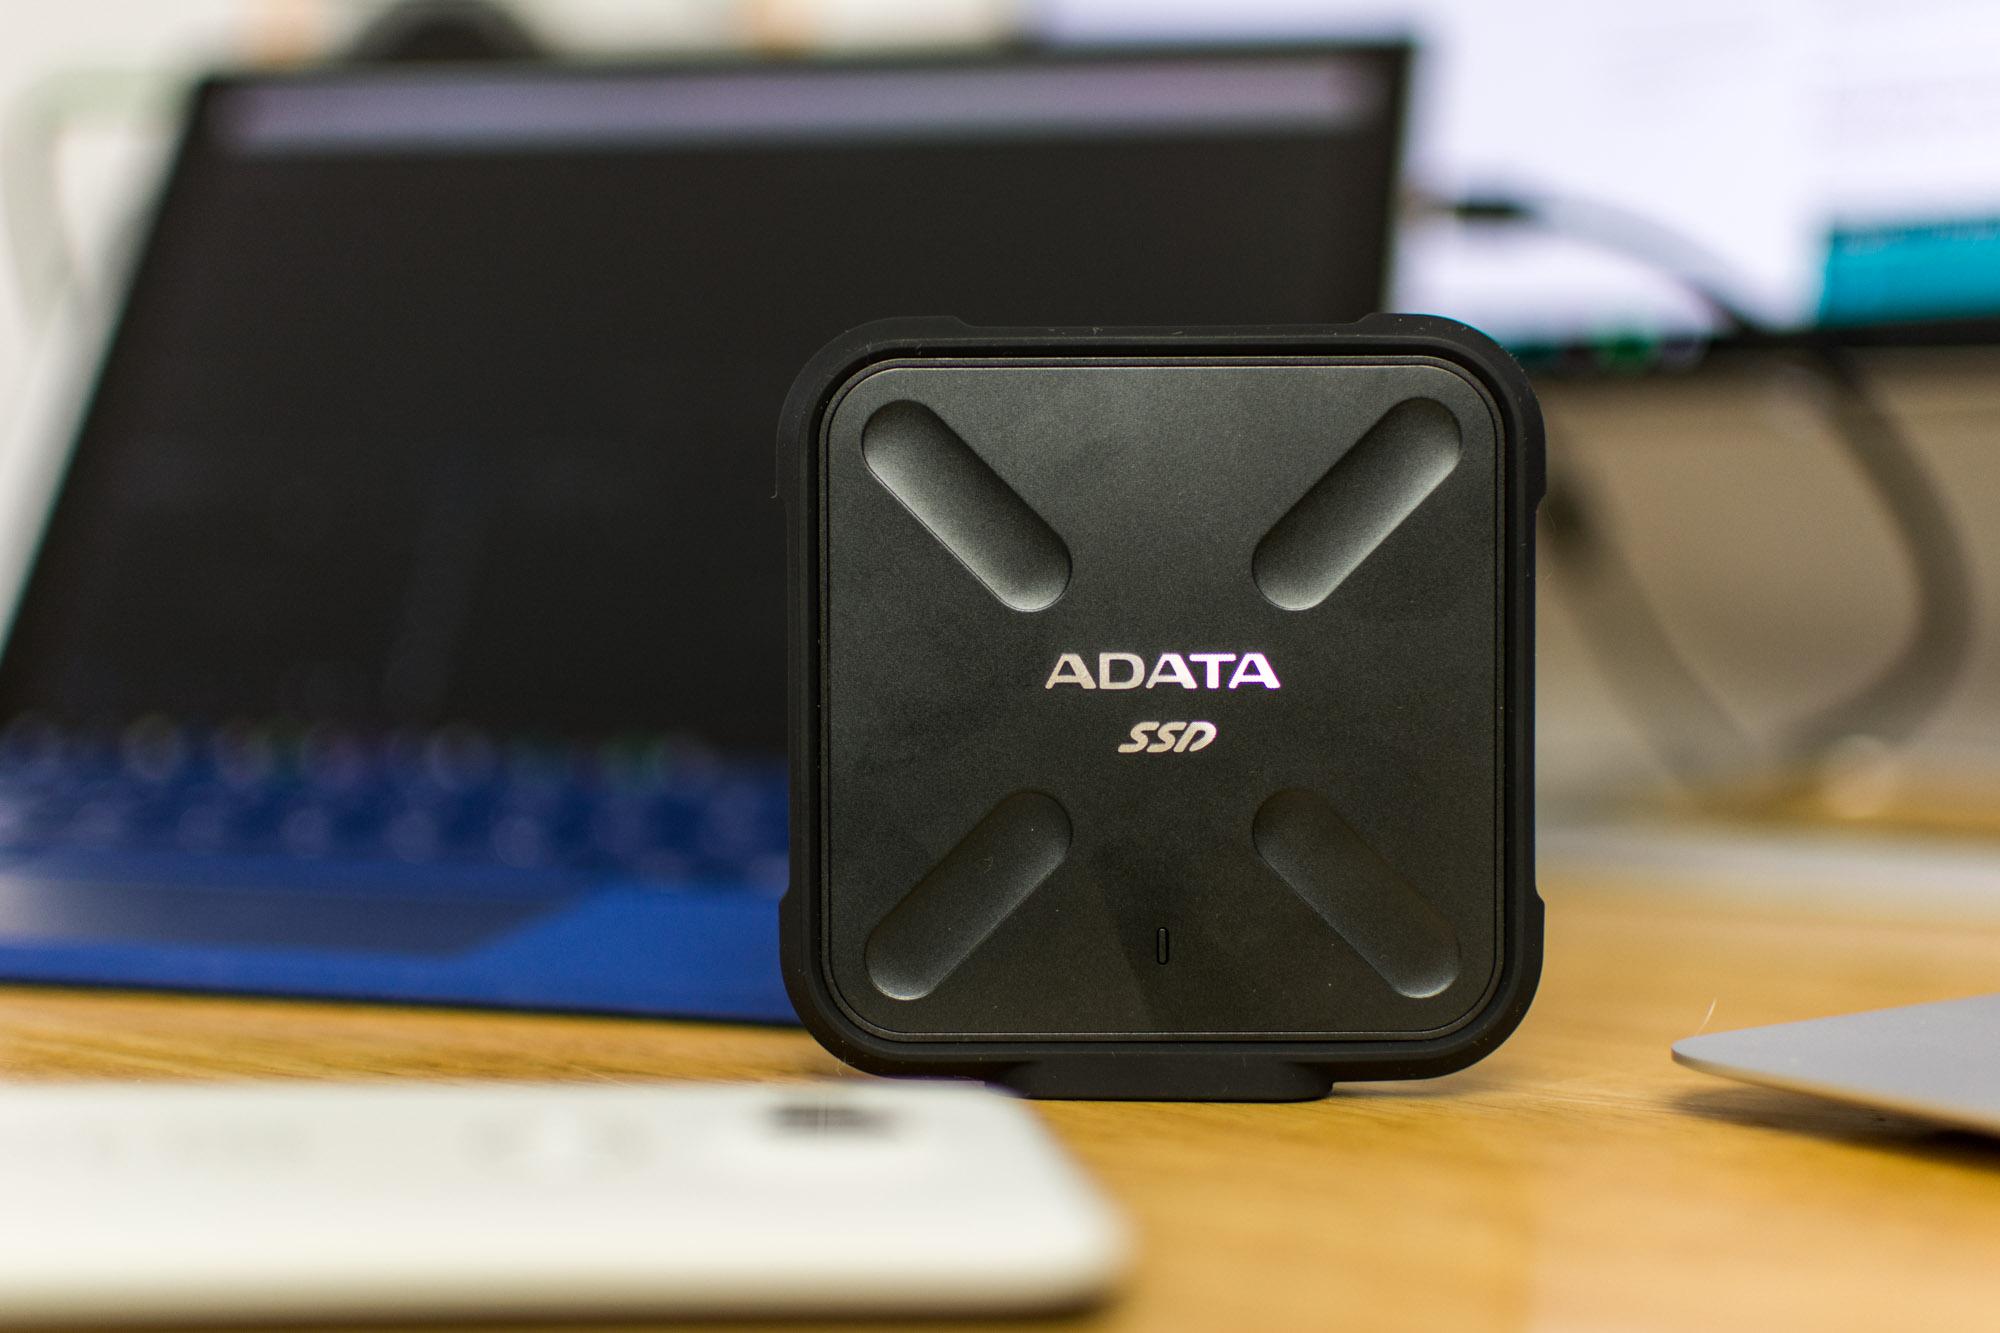 ADATA-SD700-2